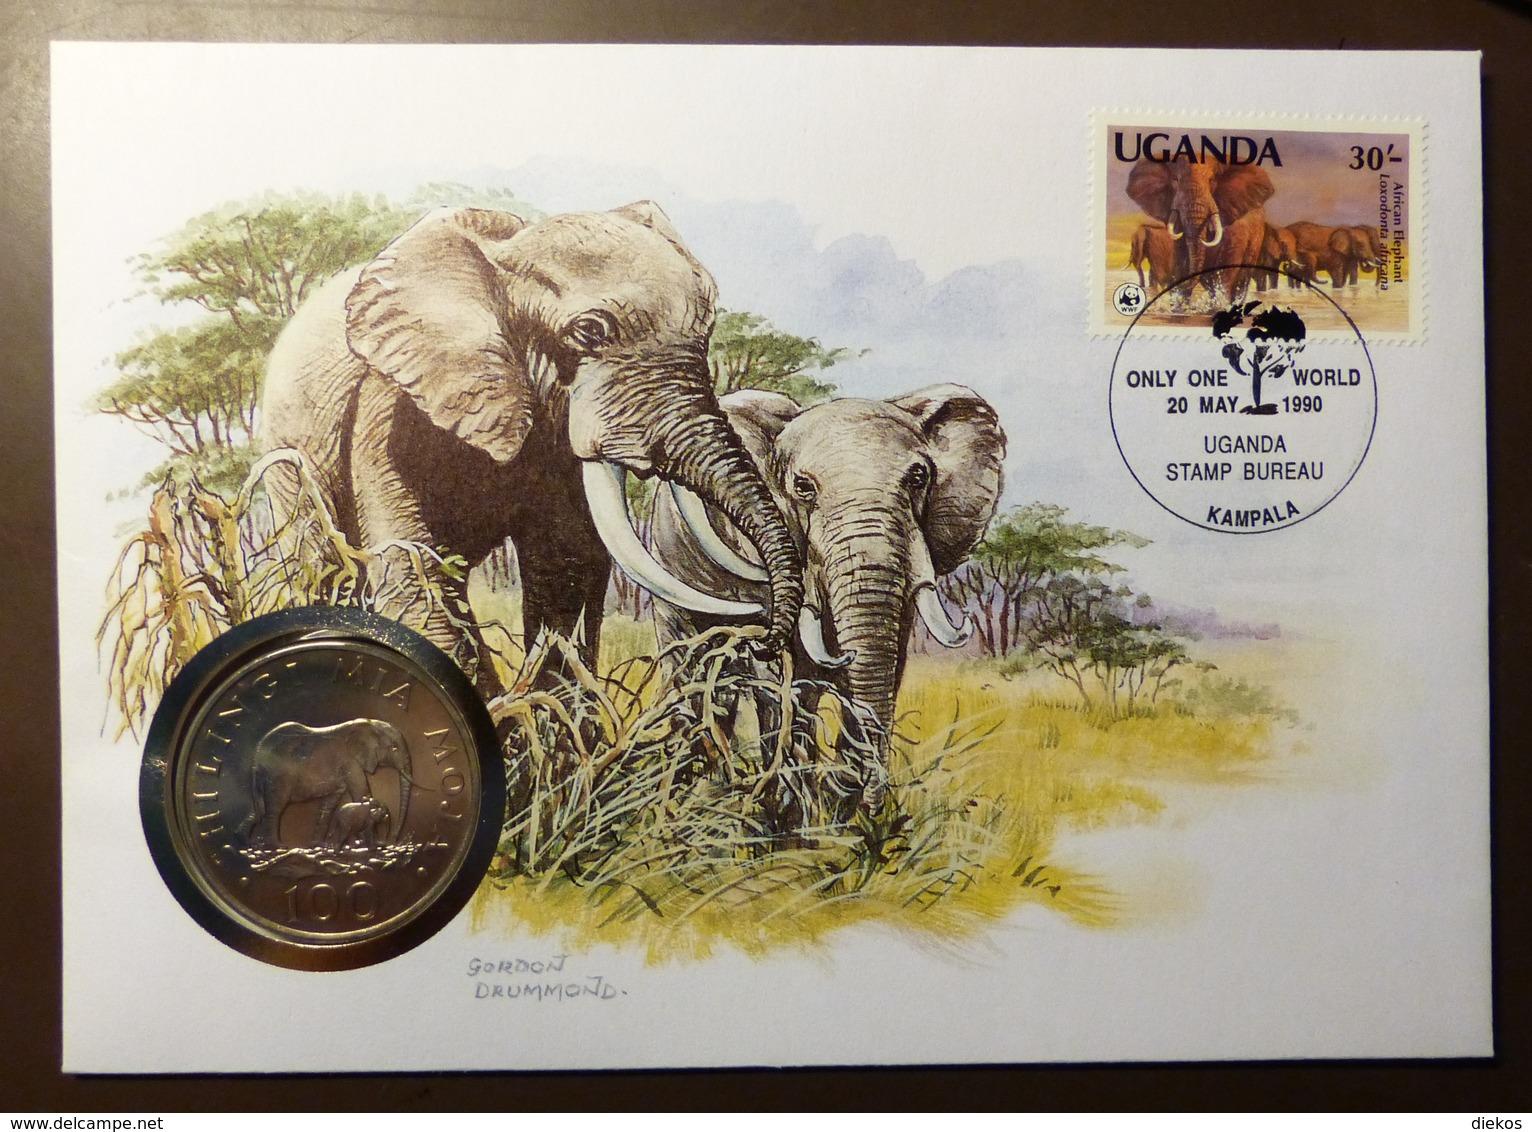 Numisbrief Coin Cover  Tanzania 100 Shilingi 1986 Uganda Elefant   #numis80 - Tanzania